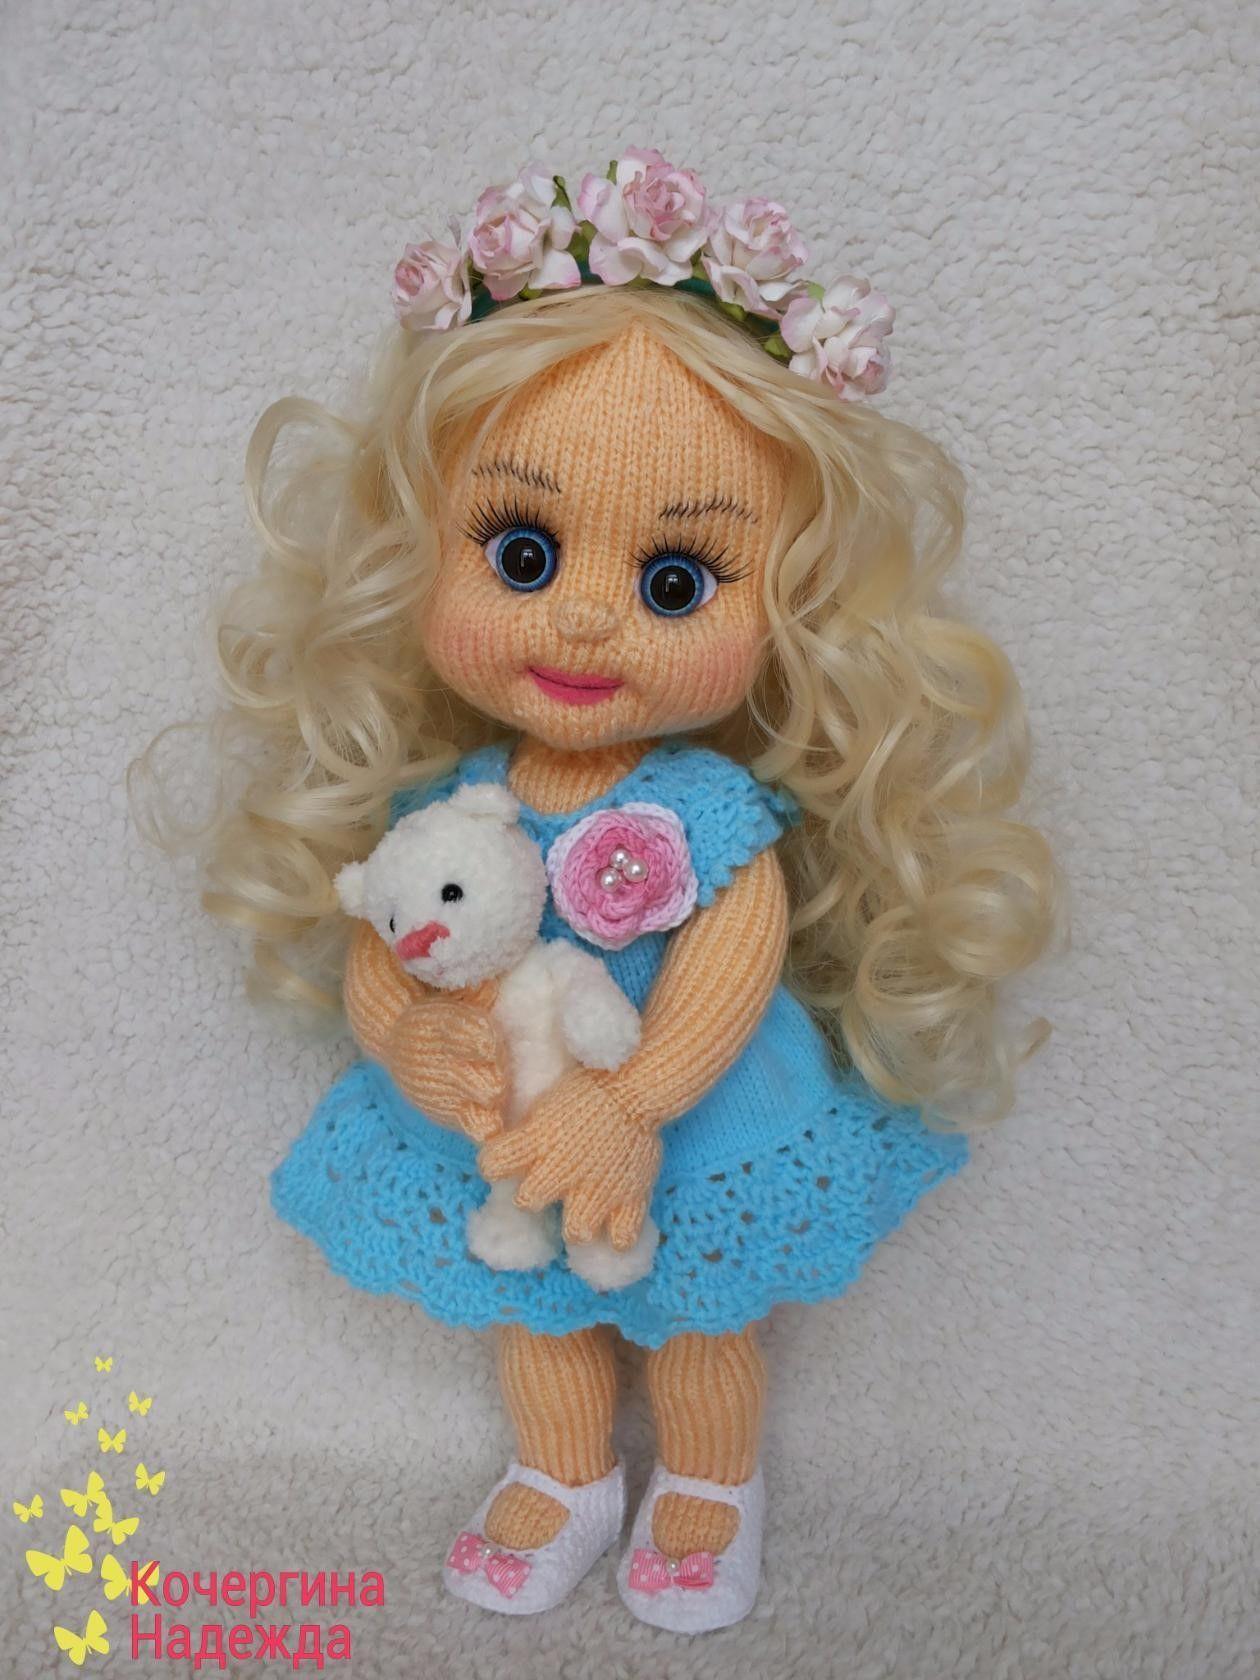 Фотография   Куклы ручной работы, Схемы вязания кукол